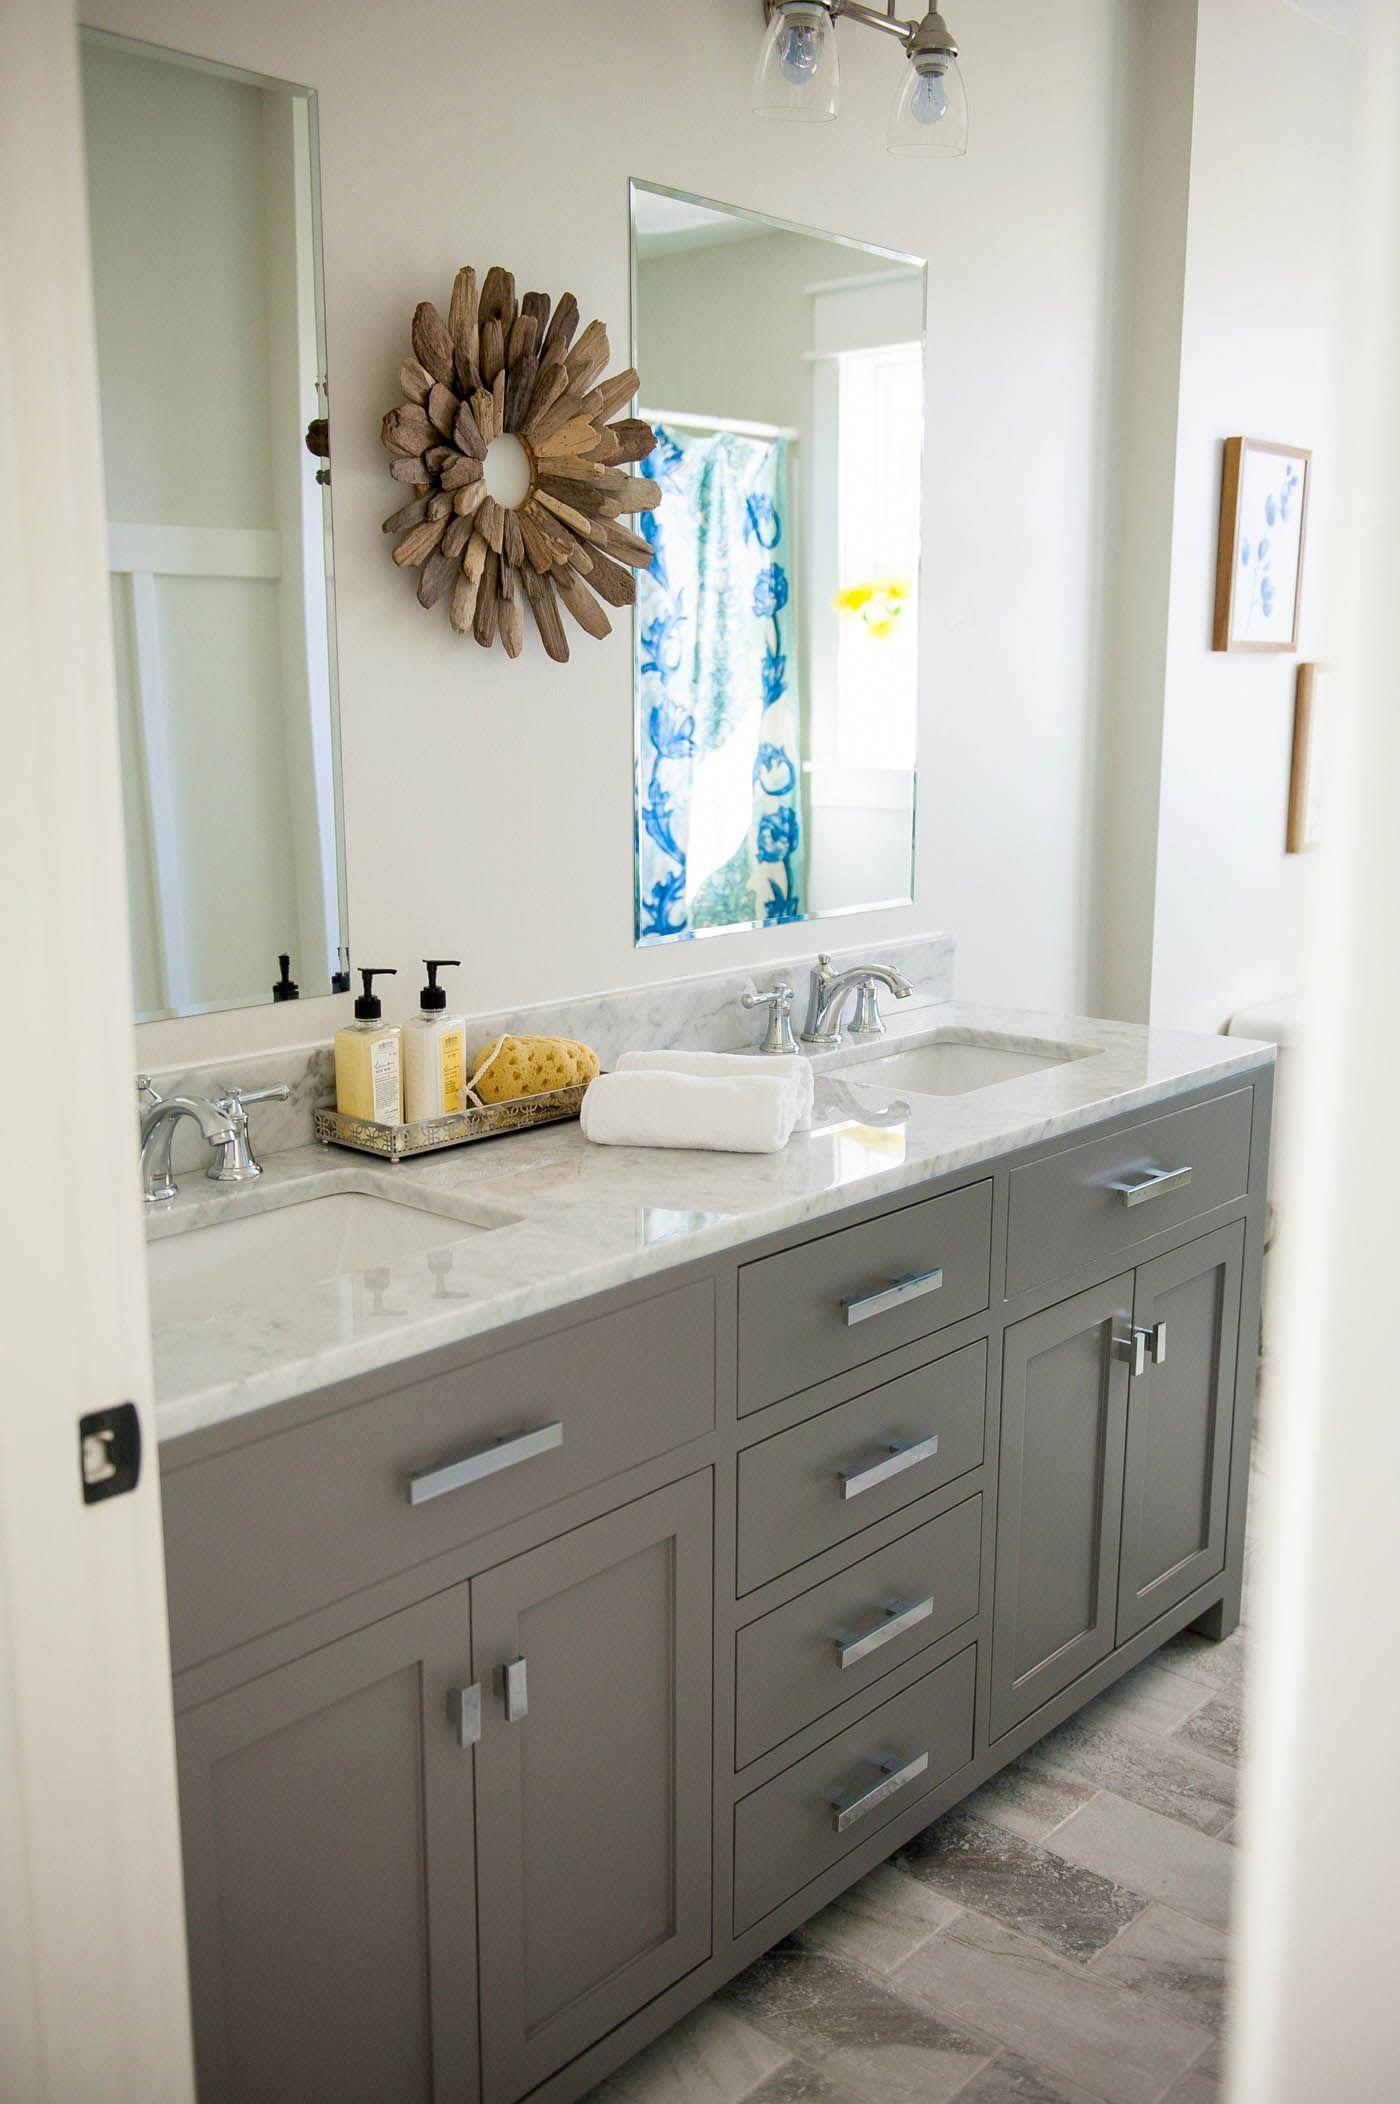 The Ultimate Guide To Buying A Bathroom Vanity The Harper House Grey Bathroom Vanity Double Vanity Bathroom Bathrooms Remodel